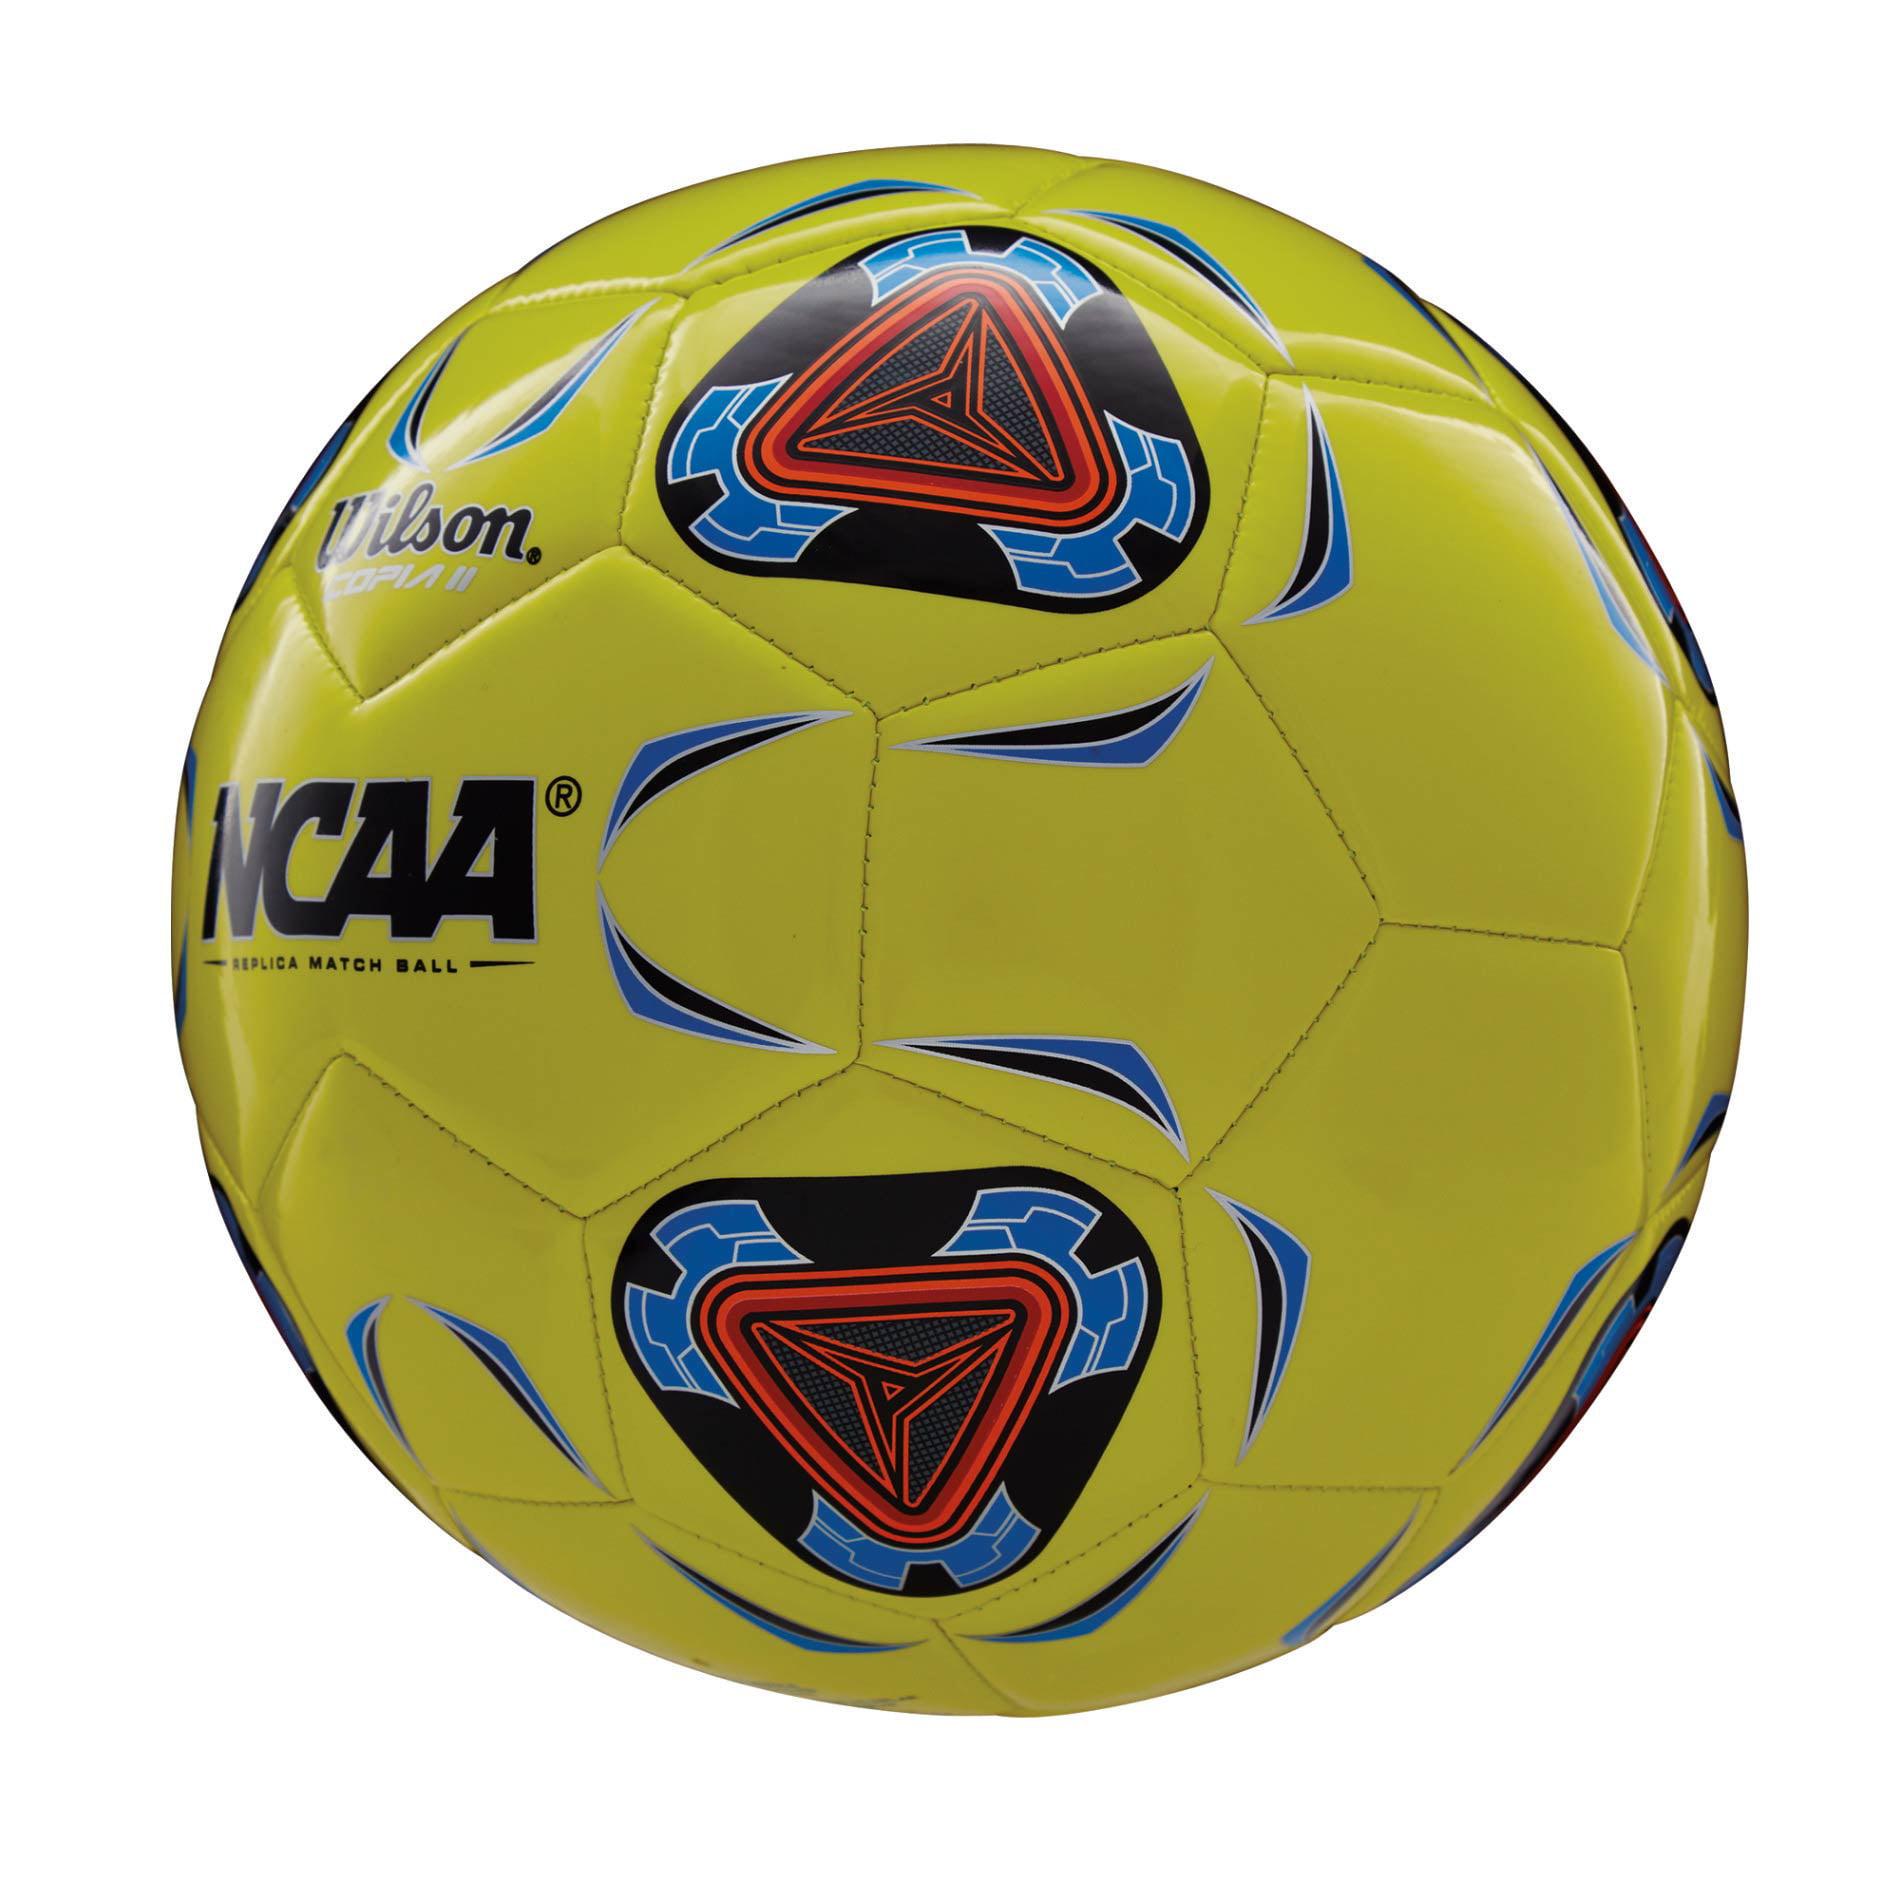 Wilson NCAA Copia II Soccer Ball 4 Optic Yellow